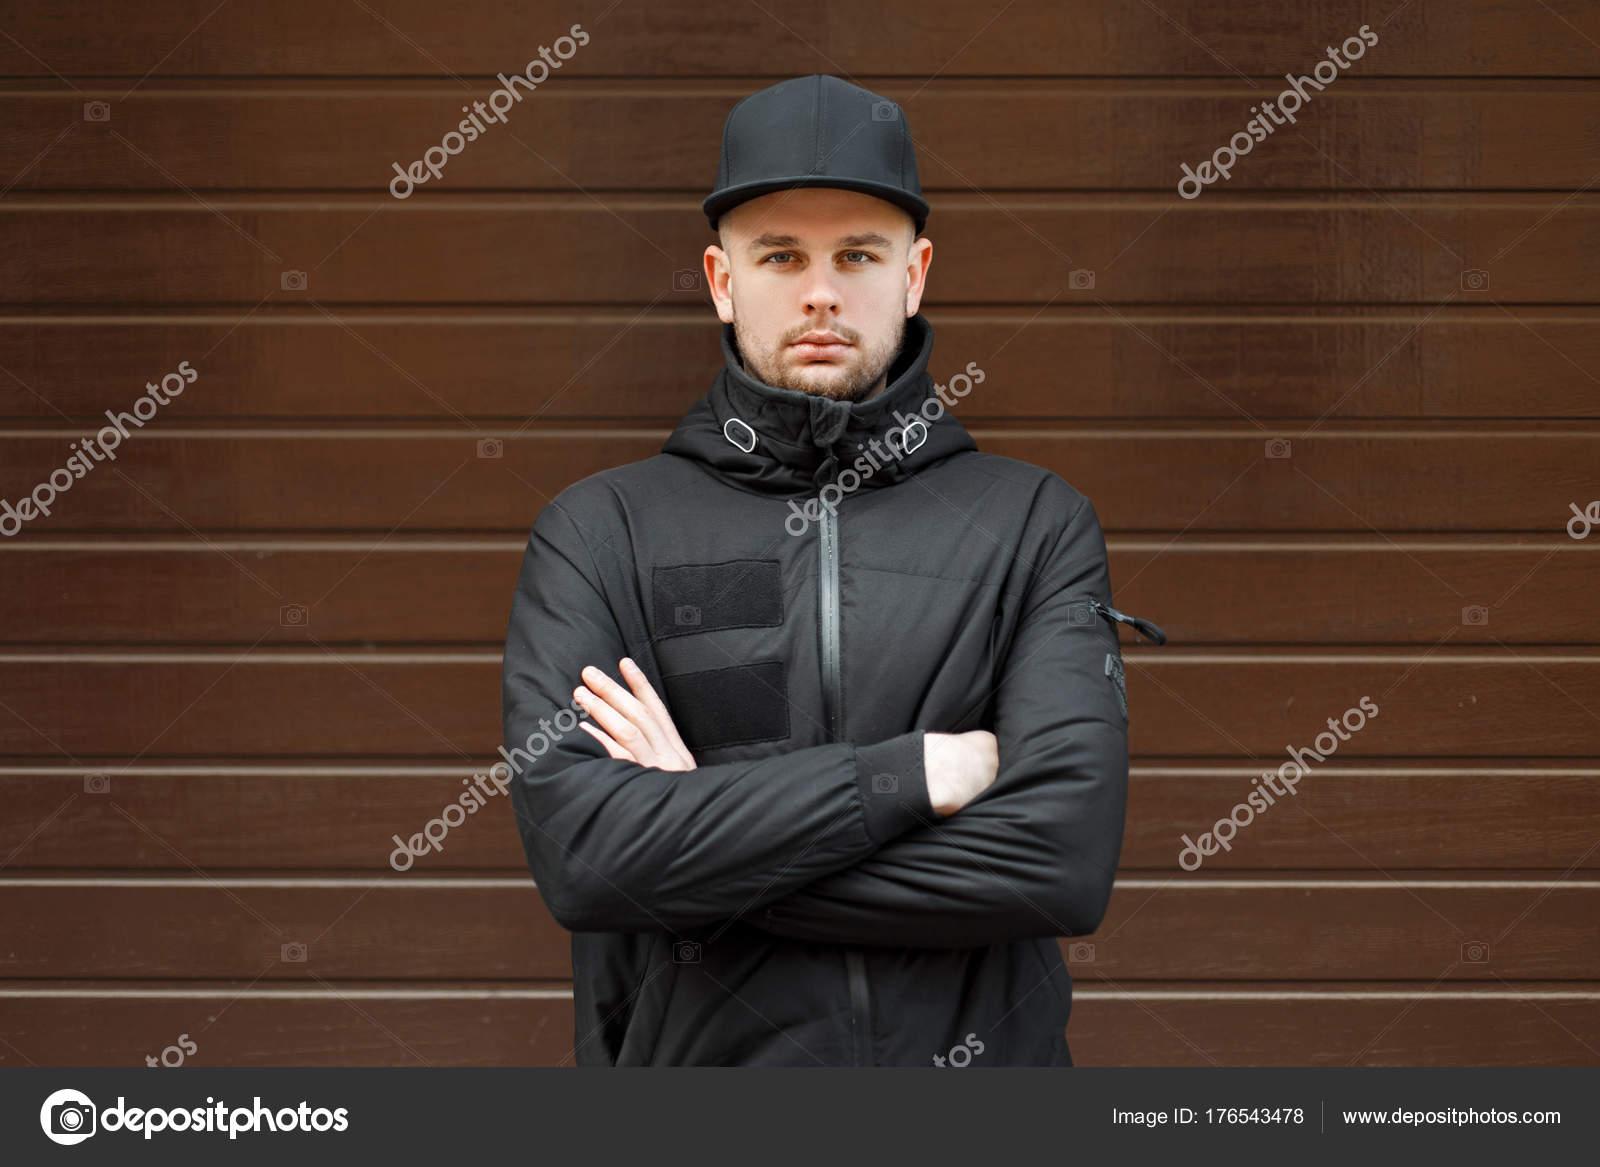 De Noir Casquette Une Homme Beau Et Baseball Mode La Élégant À Dans HBnnXOq